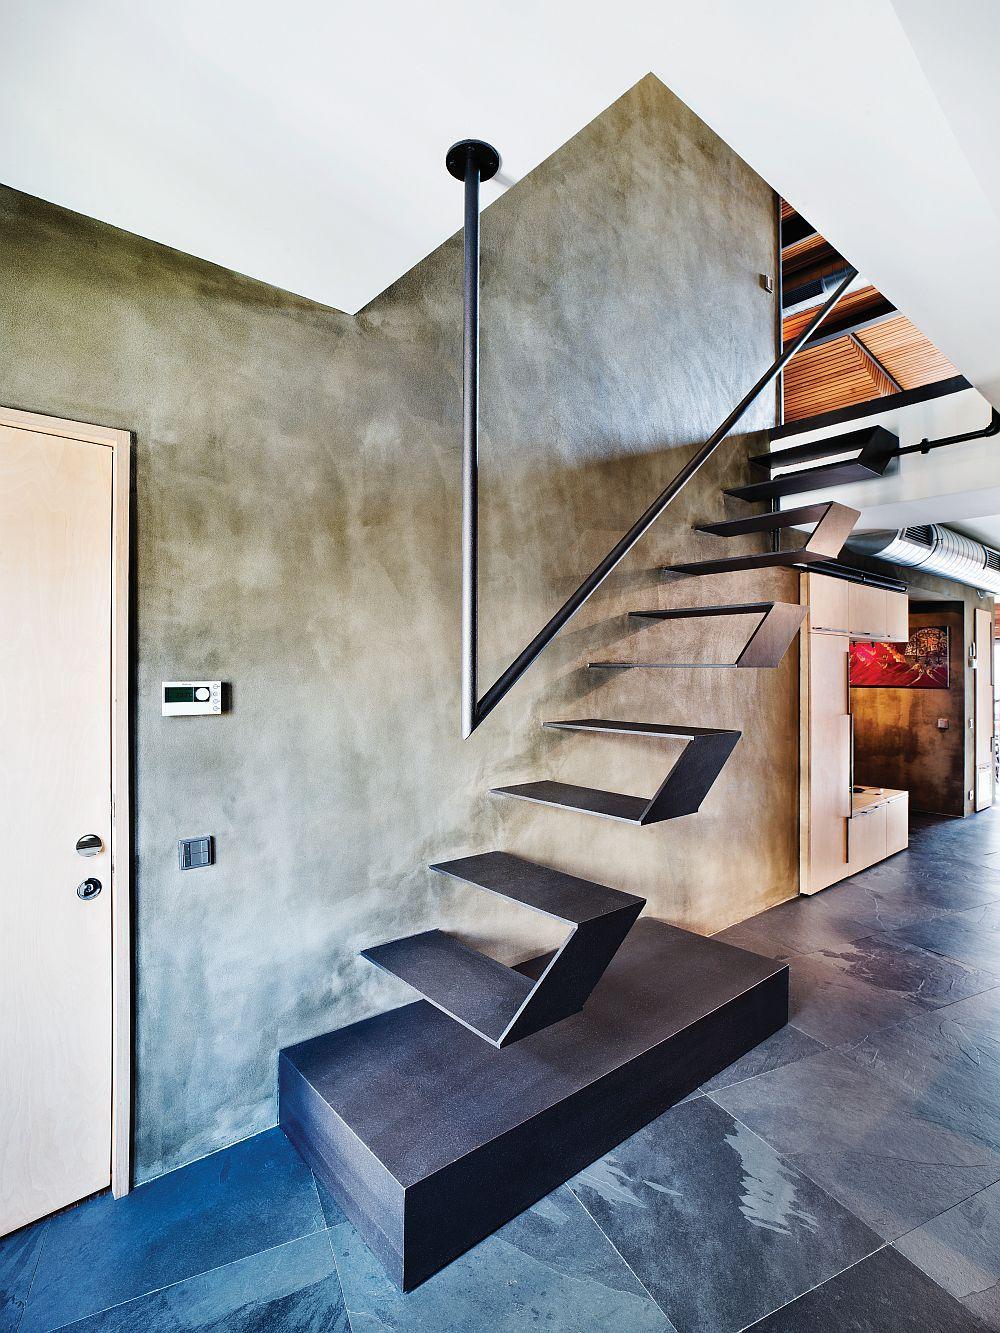 Die Stufen und das Geländer sind ein sehr interessanter Akzent im Raum